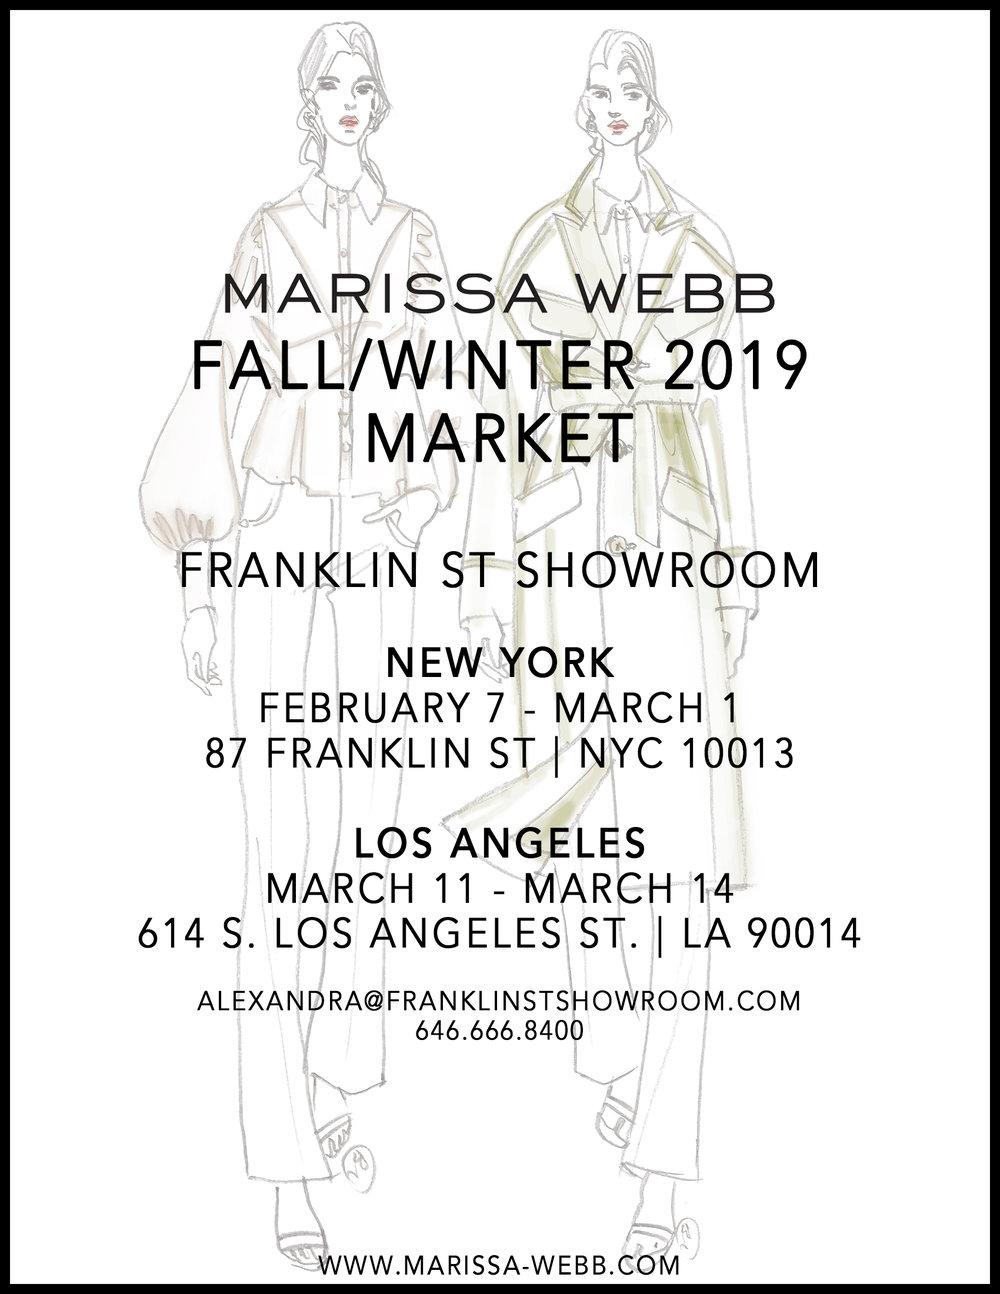 MARISSA WEBB FALL 2019 INVITE.jpg